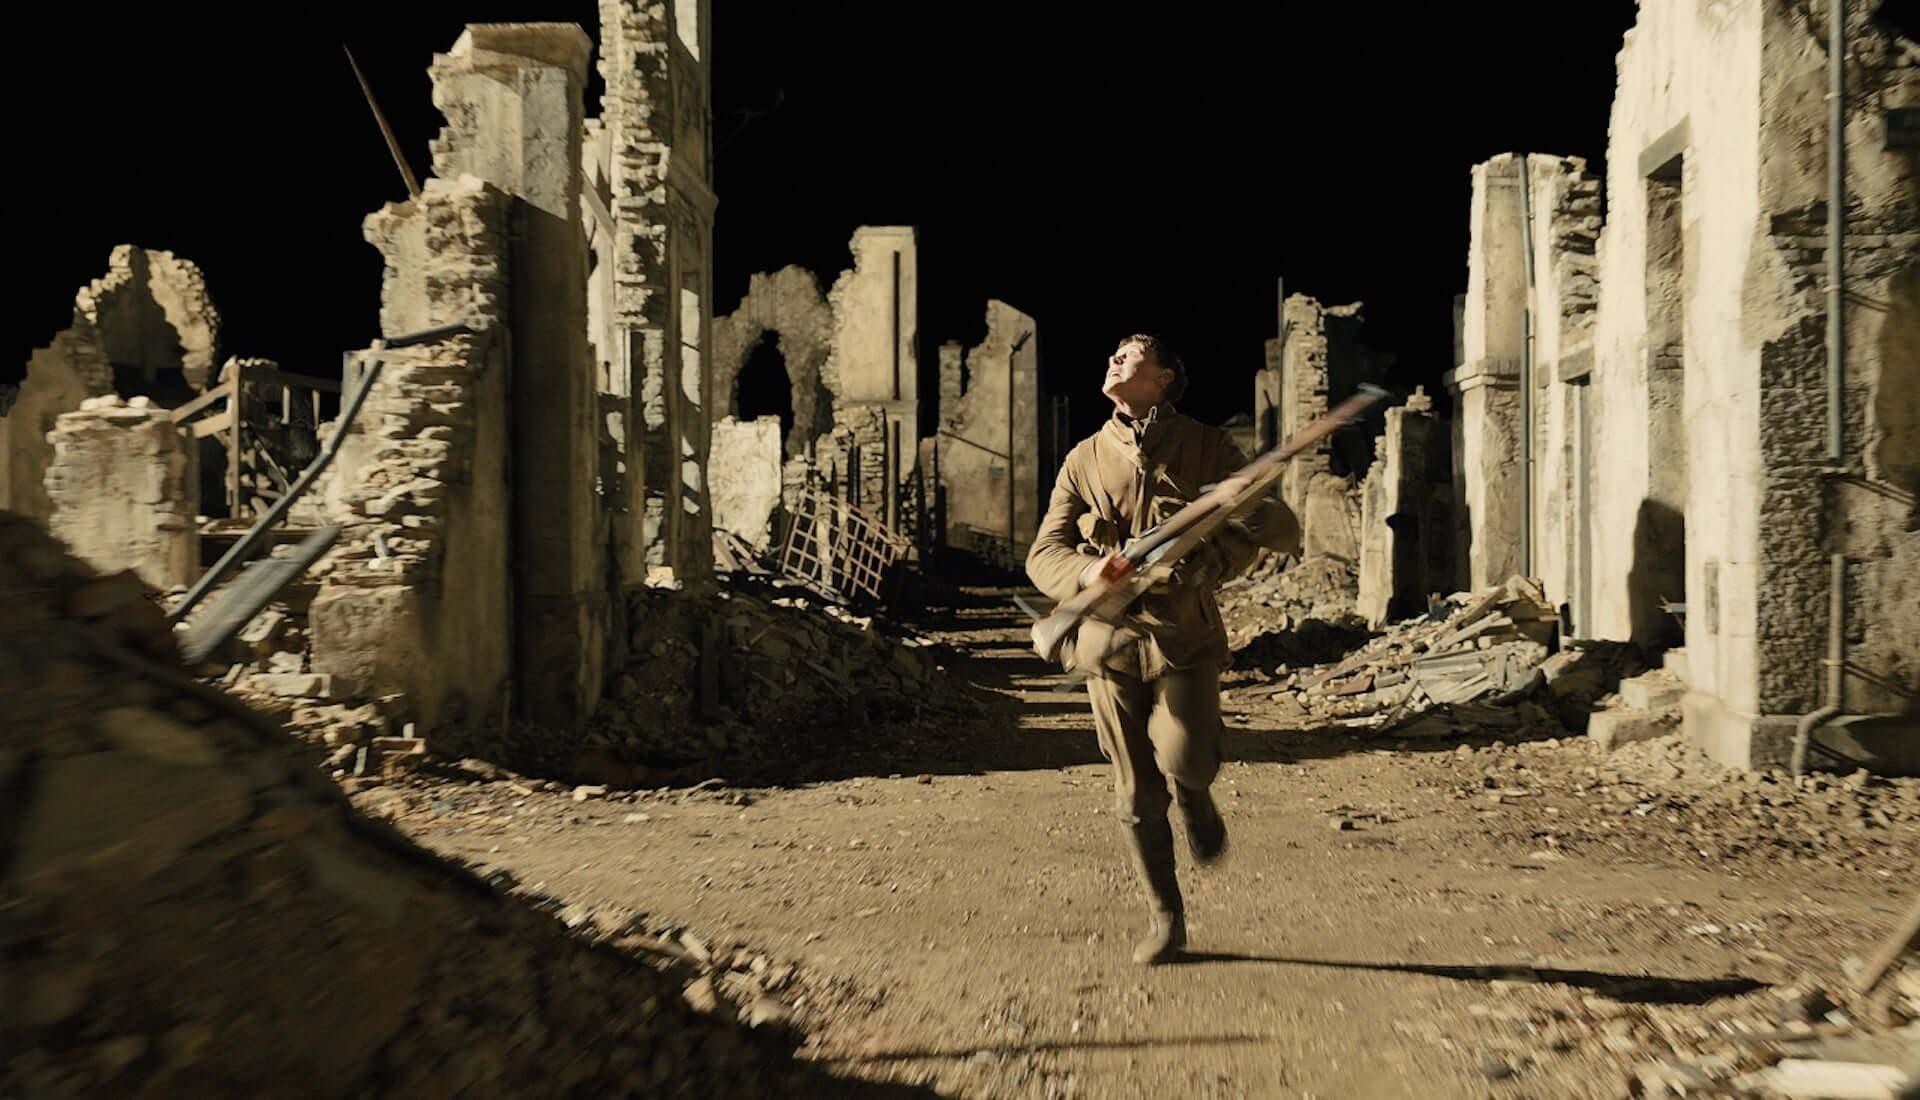 『1917 命をかけた伝令』照明で物語を語る!?アカデミー賞受賞の撮影監督ロジャー・ディーキンスが手掛けた神秘的な映像が解禁 film200212_1917_1-1920x1100